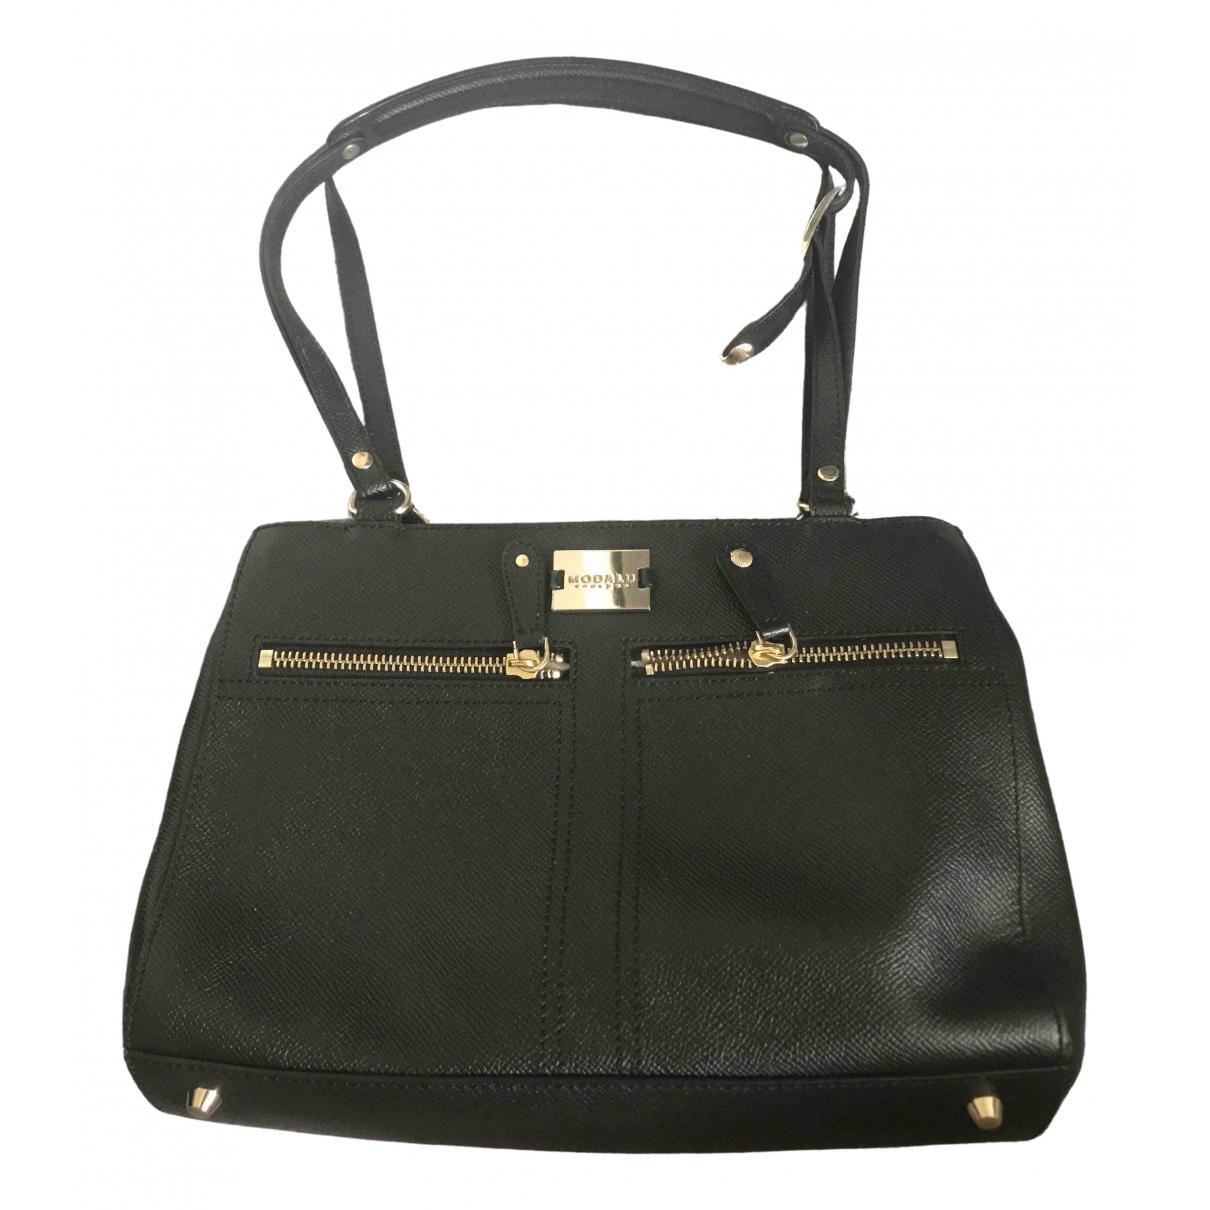 Modalu \N Black Leather handbag for Women \N